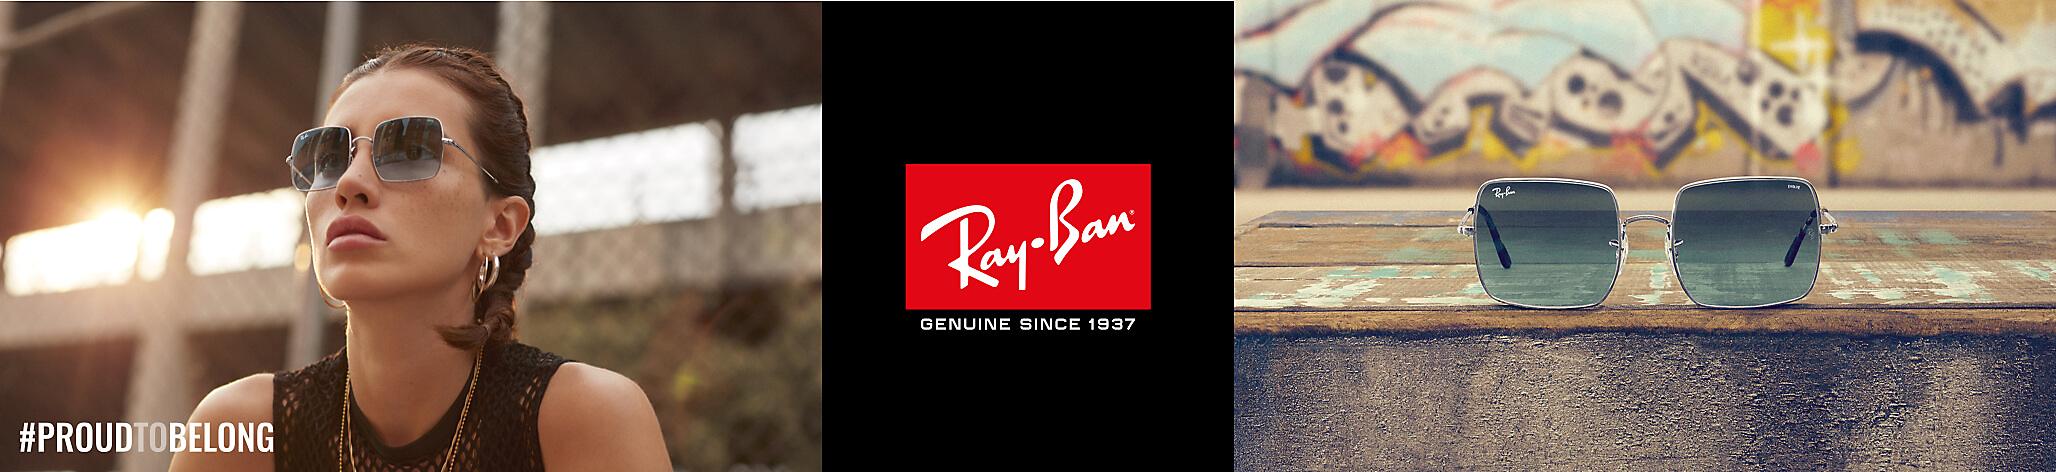 TO Ray Ban BANNER - RAYBAN RB 4306 UNISEX GÜNEŞ GÖZLÜĞÜ